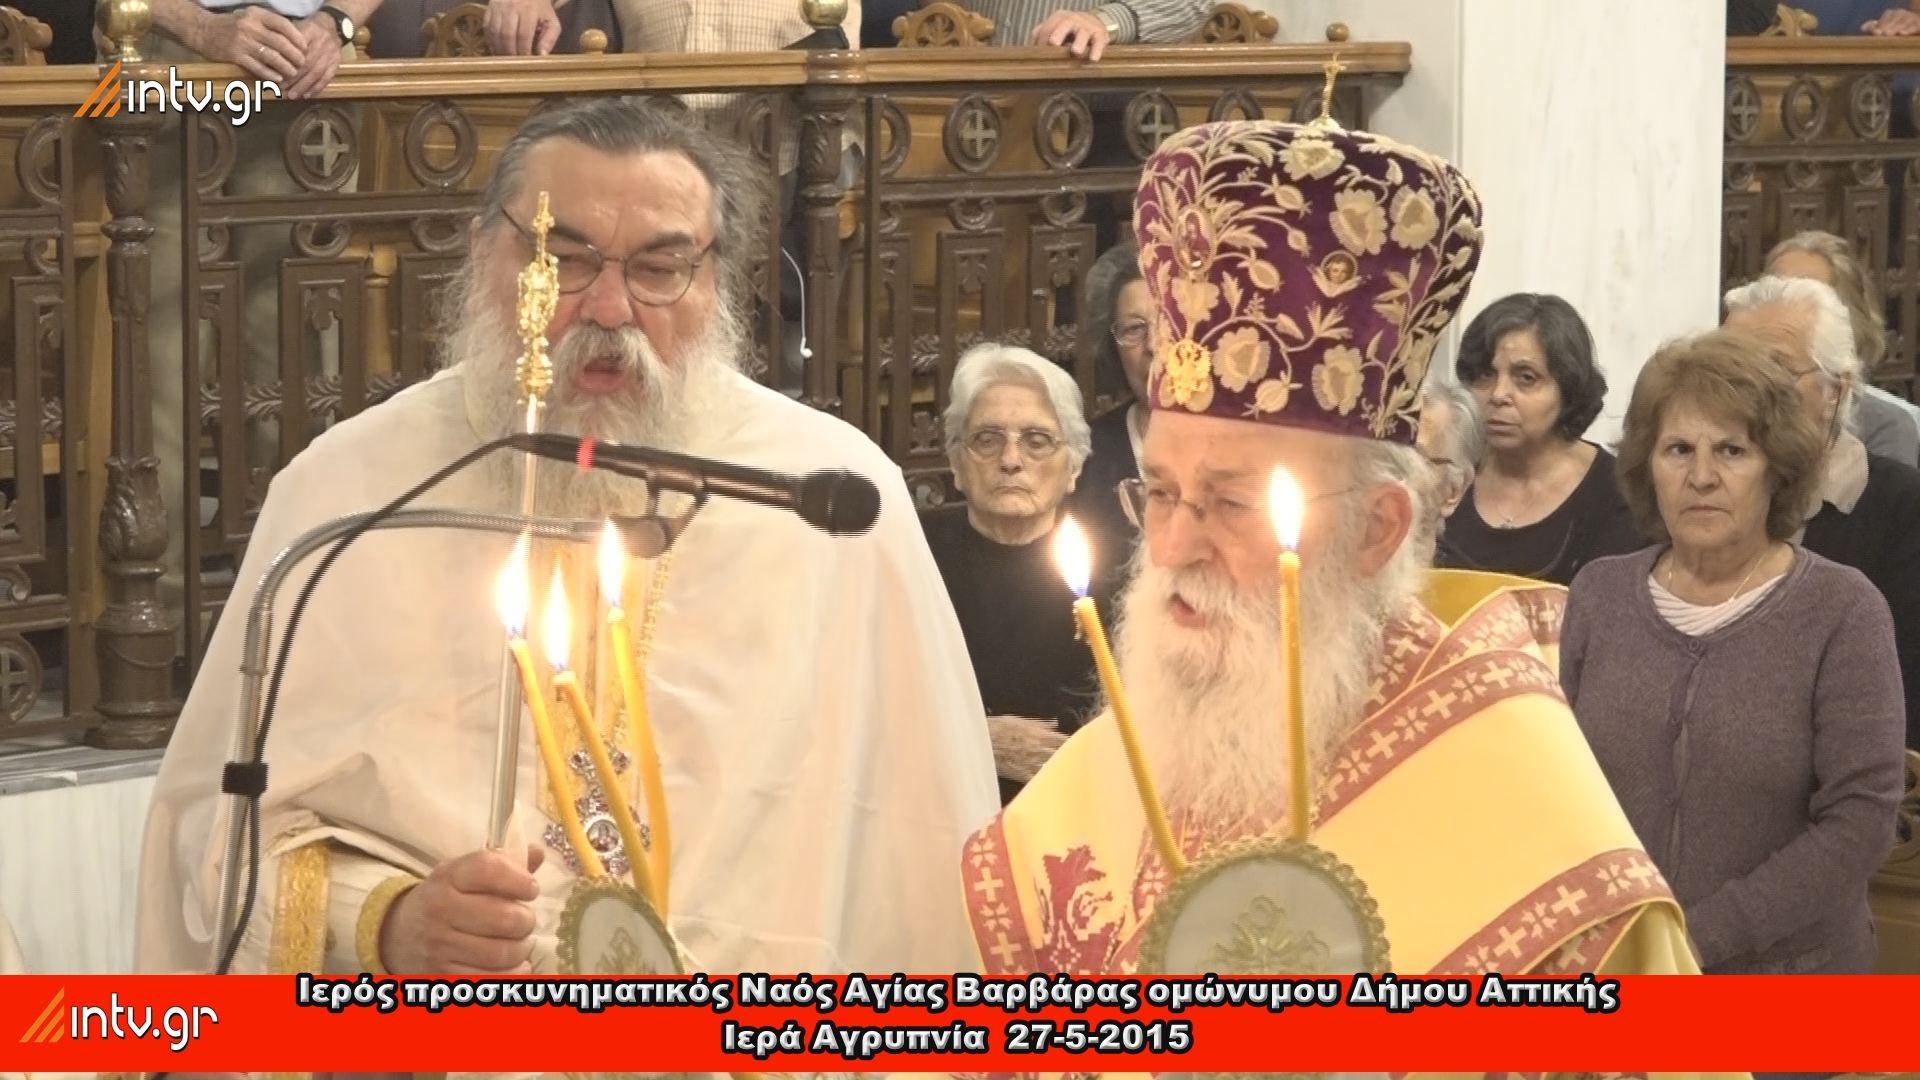 Αποστολική Διακονία της Εκκλησίας της Ελλάδος - Ιερός προσκυνηματικός Ναός Αγίας Βαρβάρας ομώνυμου Δήμου - Ιερά Αγρυπνία.